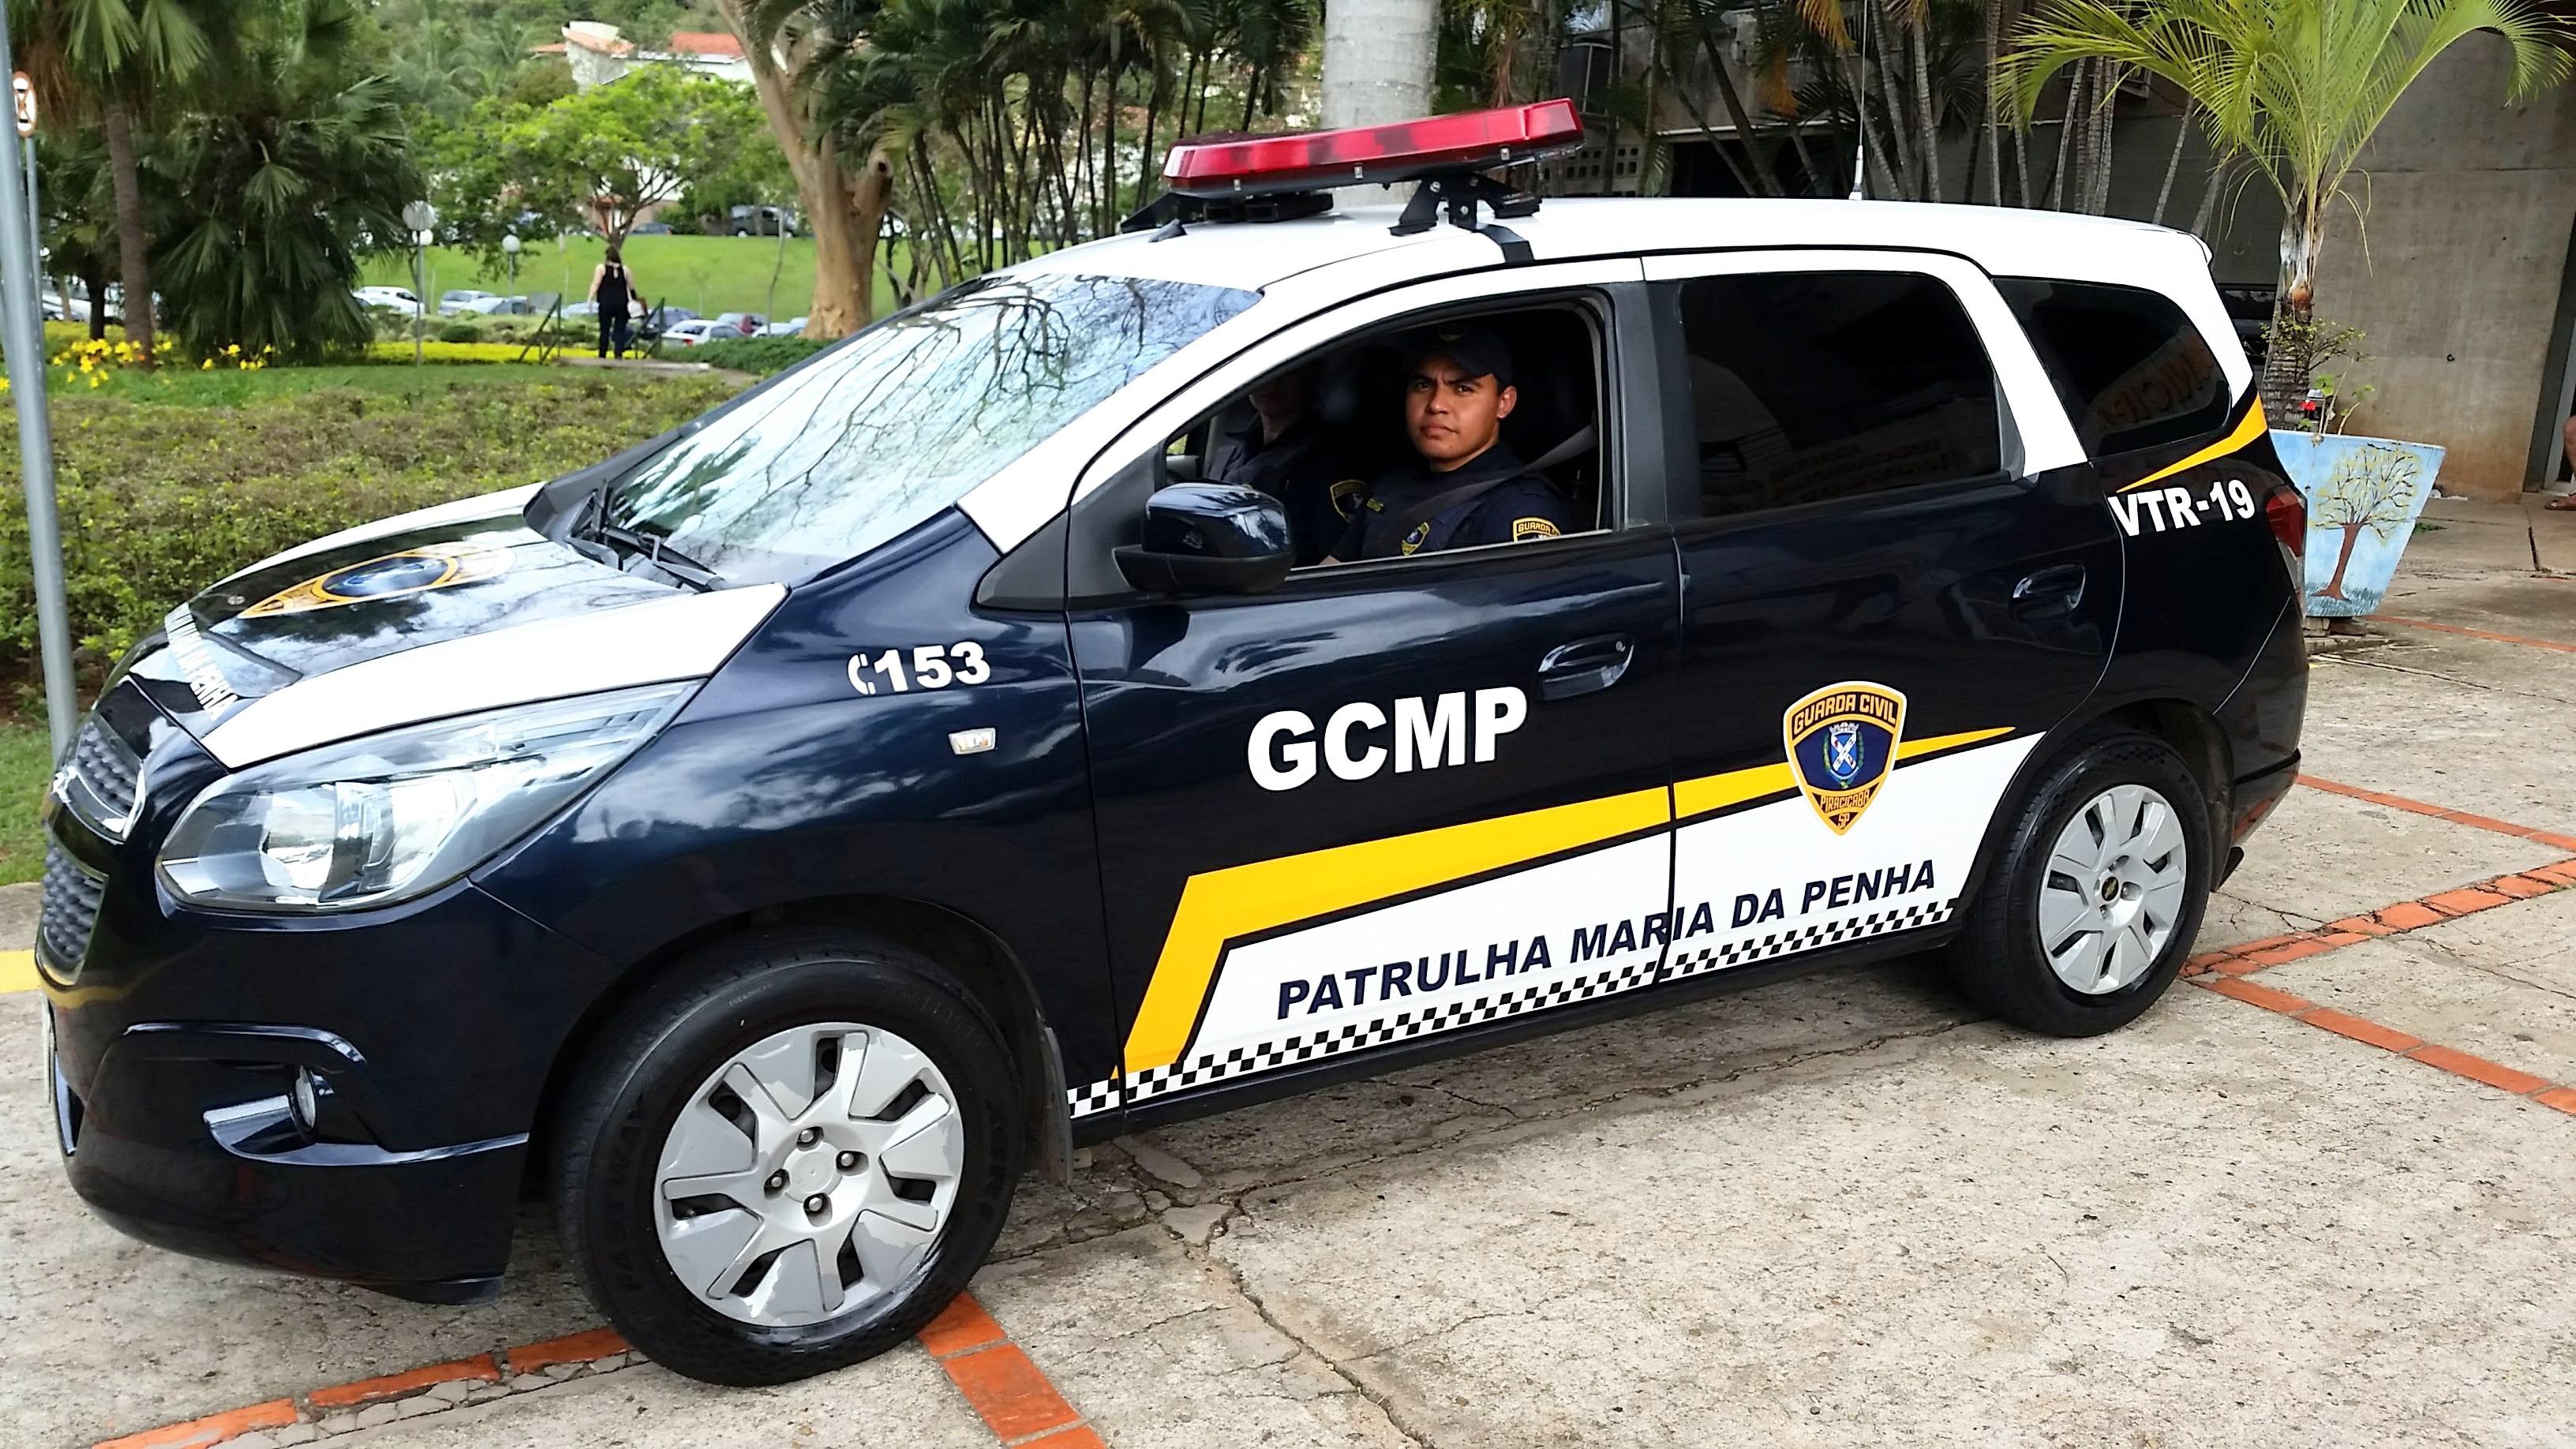 Patrulha Maria da Penha faz 11 flagrantes e recebe 317 medidas protetivas em Piracicaba - Noticias